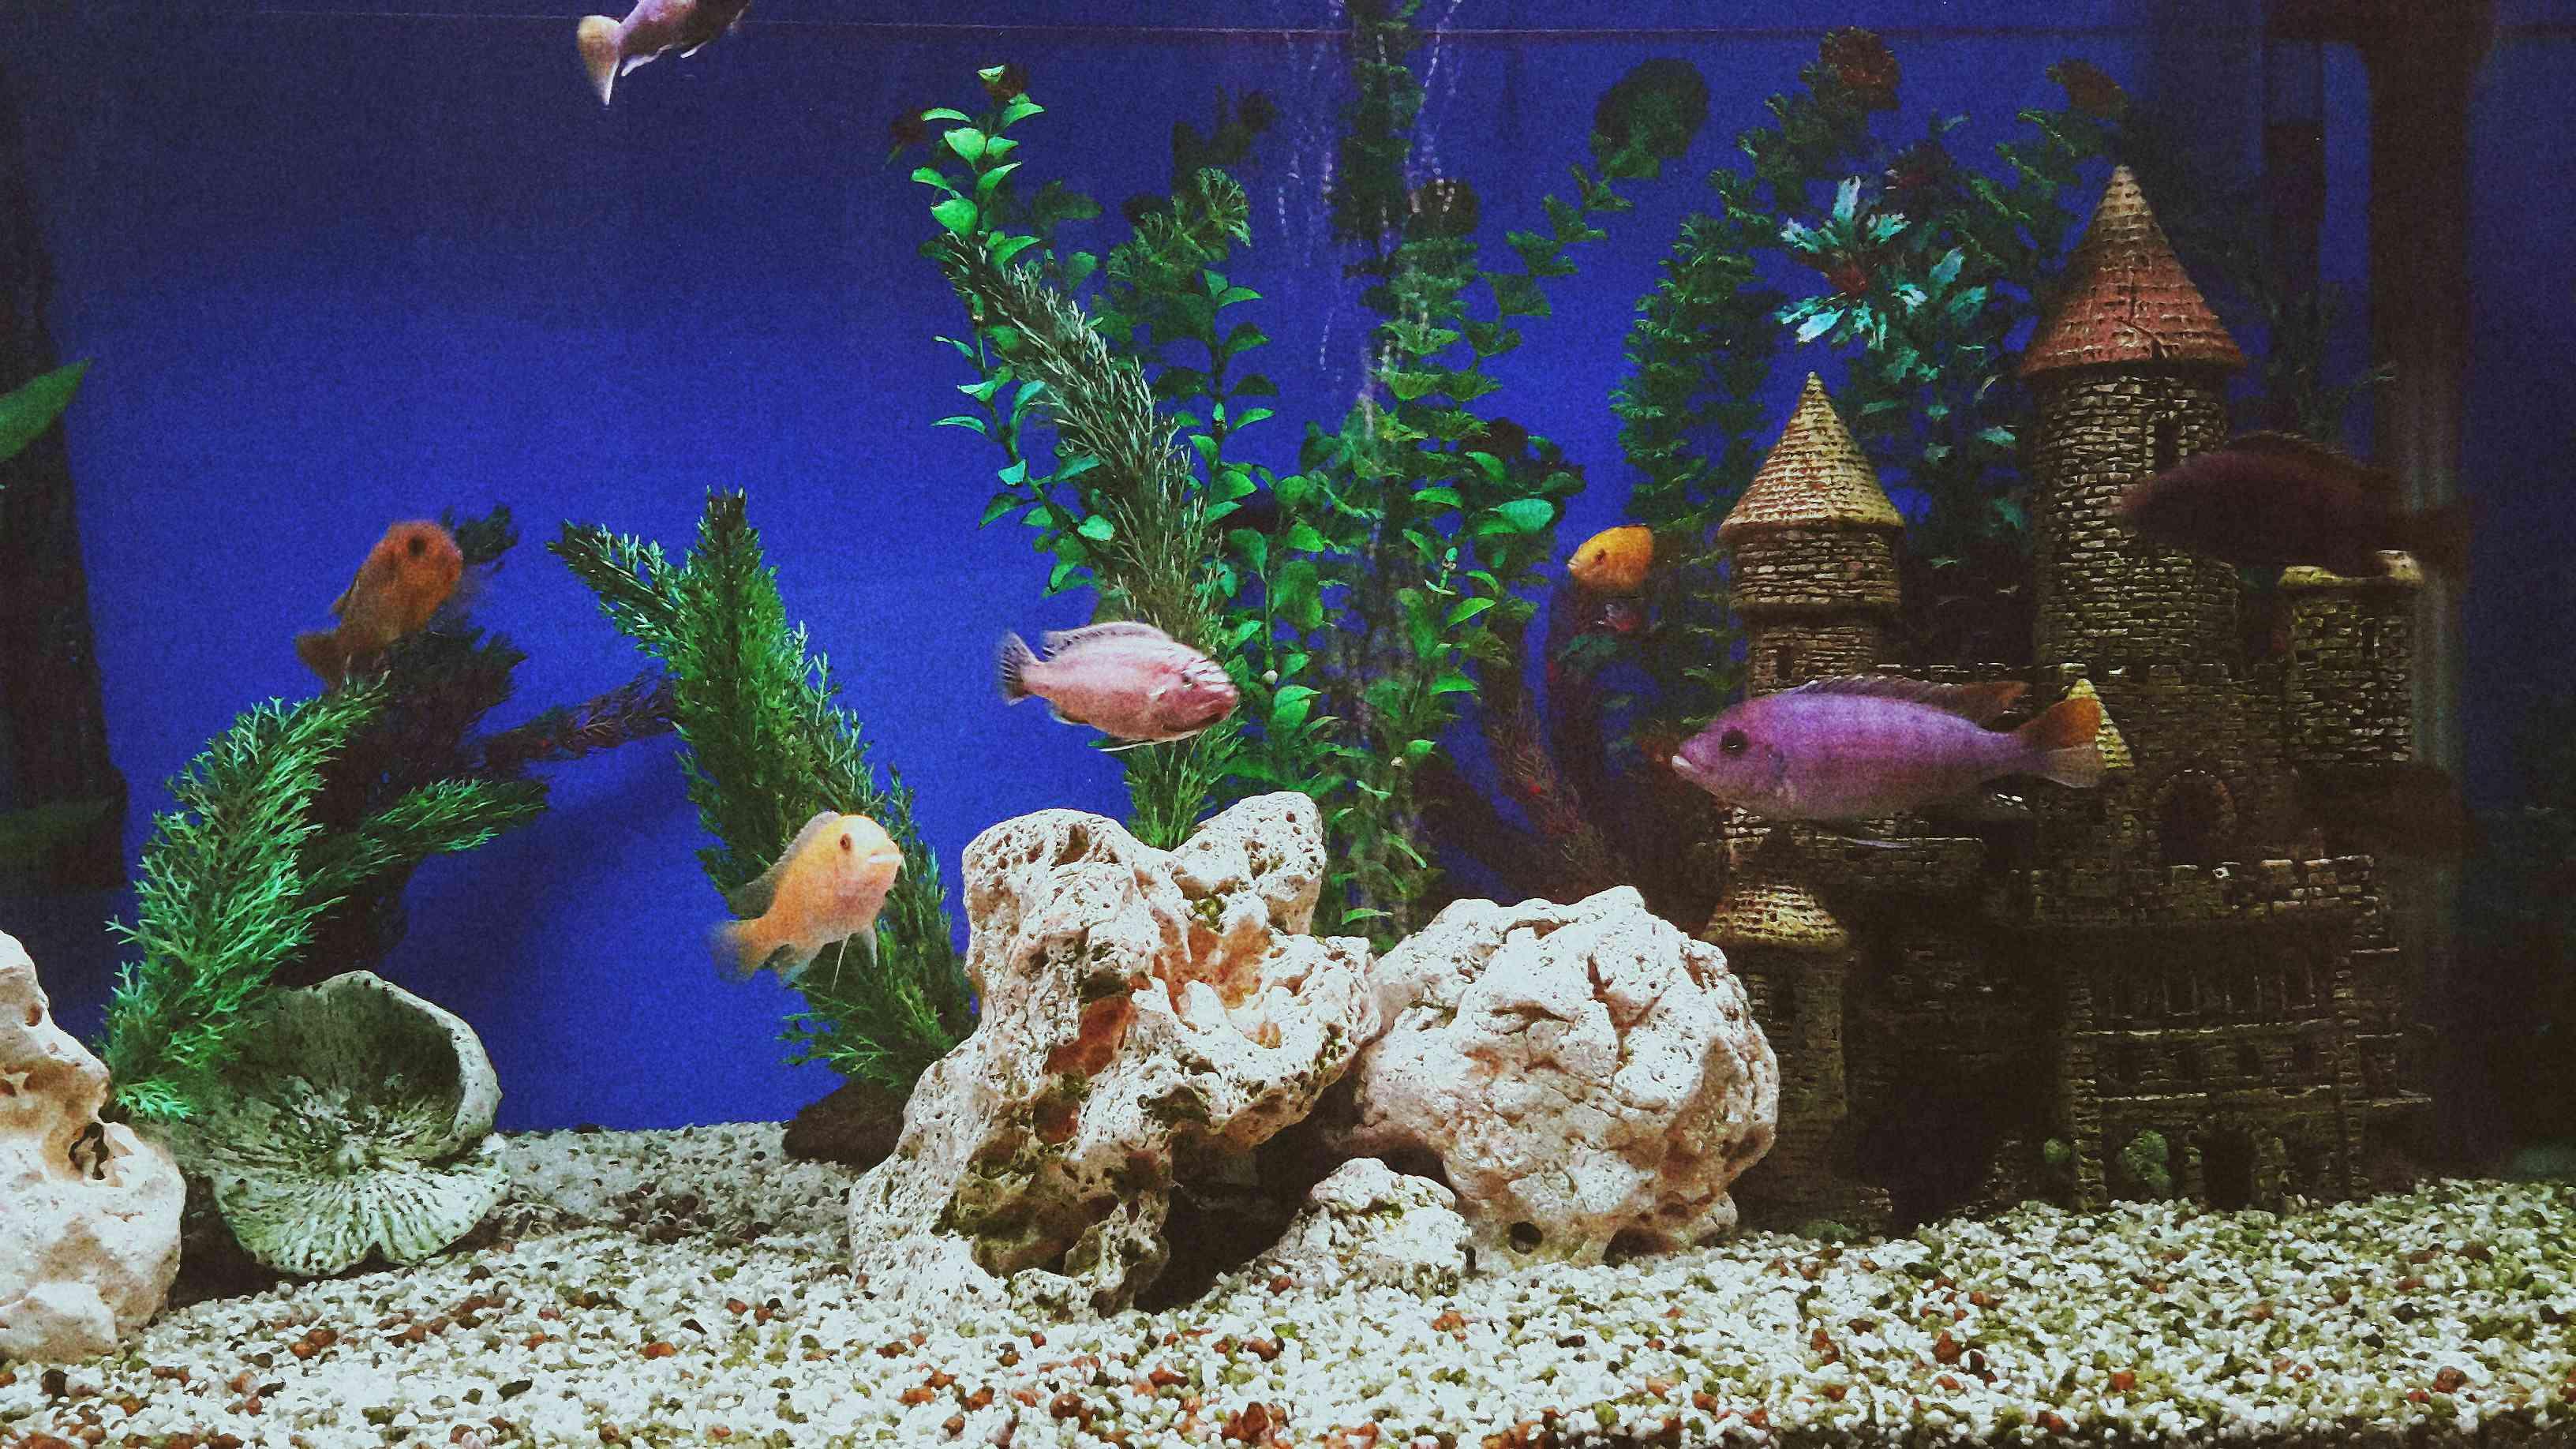 Fish in an aquarium.